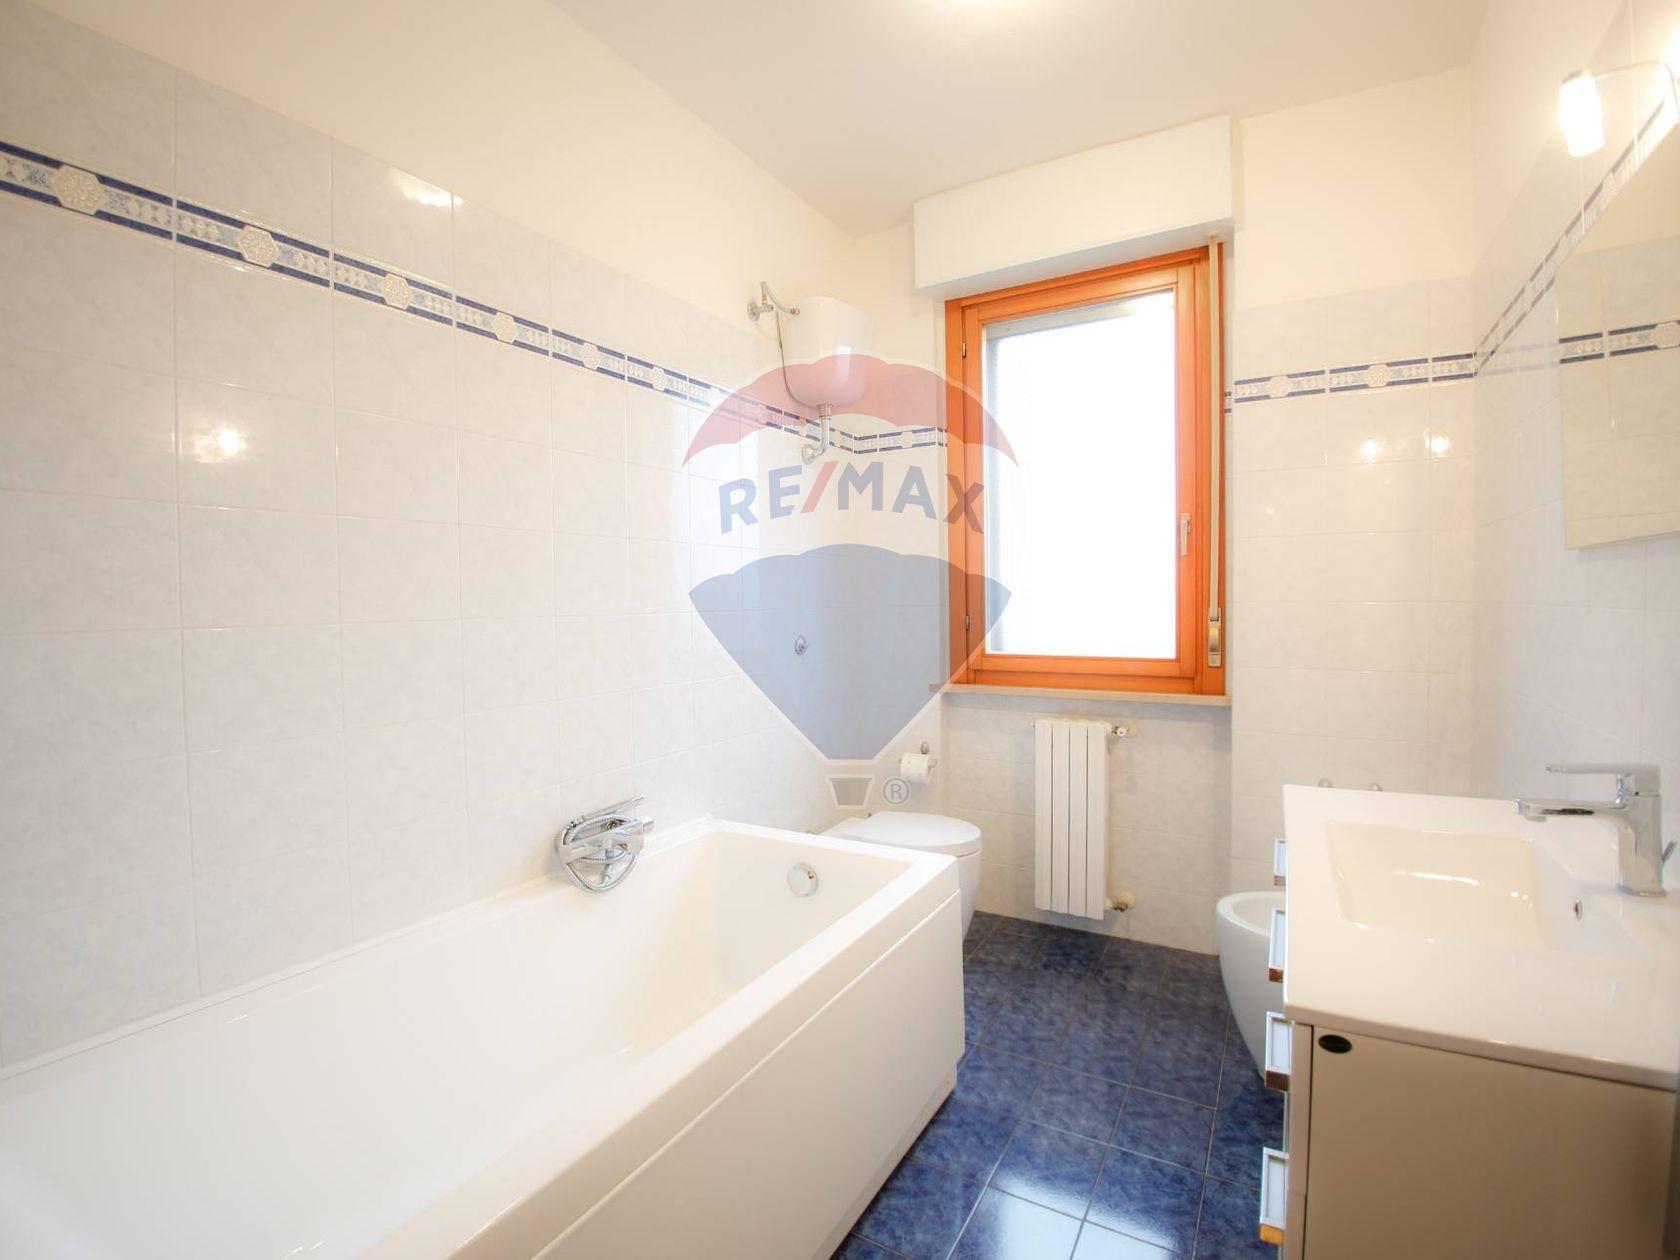 Appartamento Filippone, Chieti, CH Vendita - Foto 18